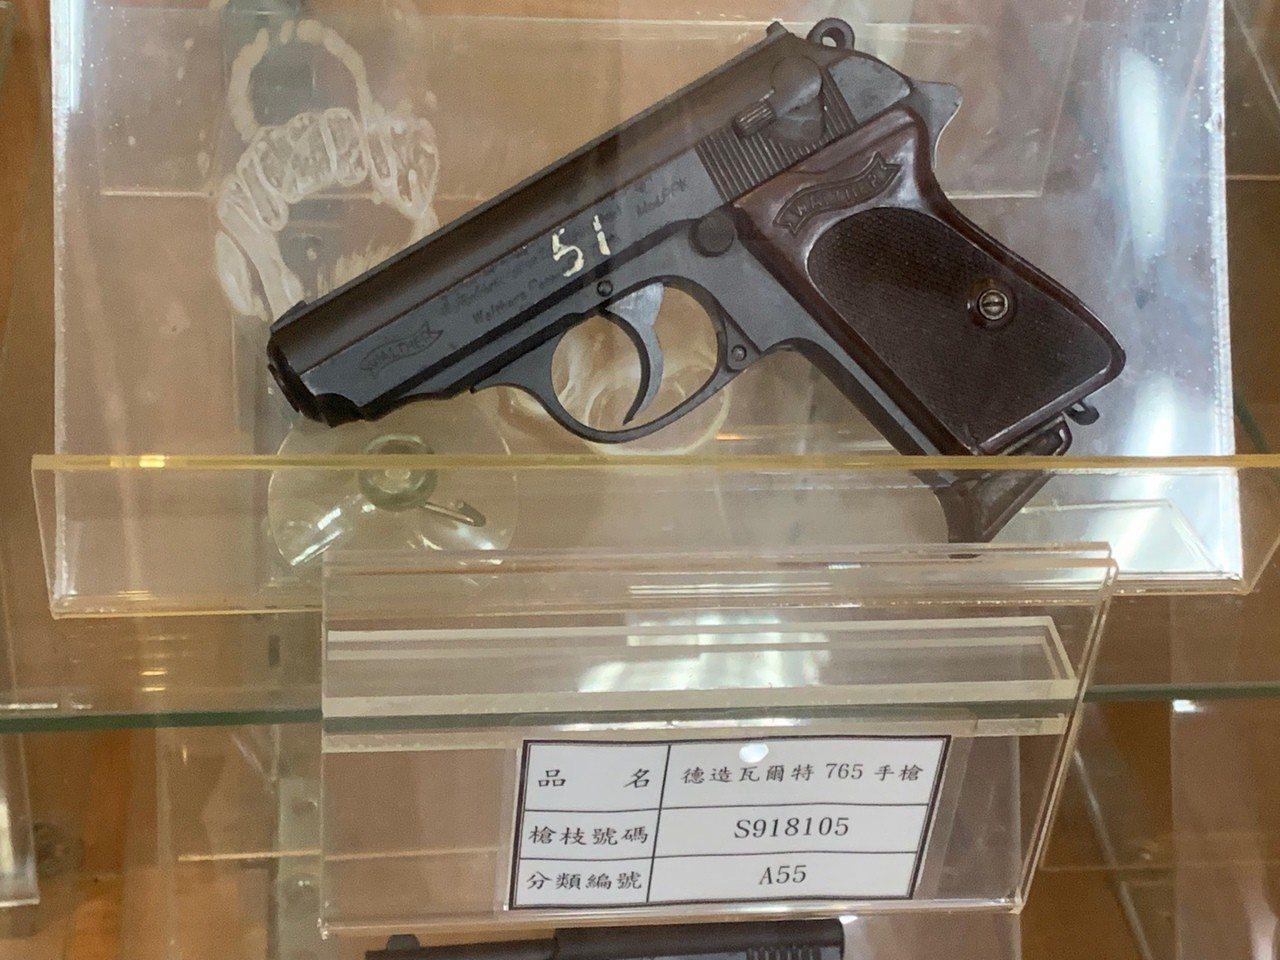 德造的PPK手槍是一種縮小版的警用刑事手槍,傳發起二戰的德國領導人希特勒隨身攜帶...